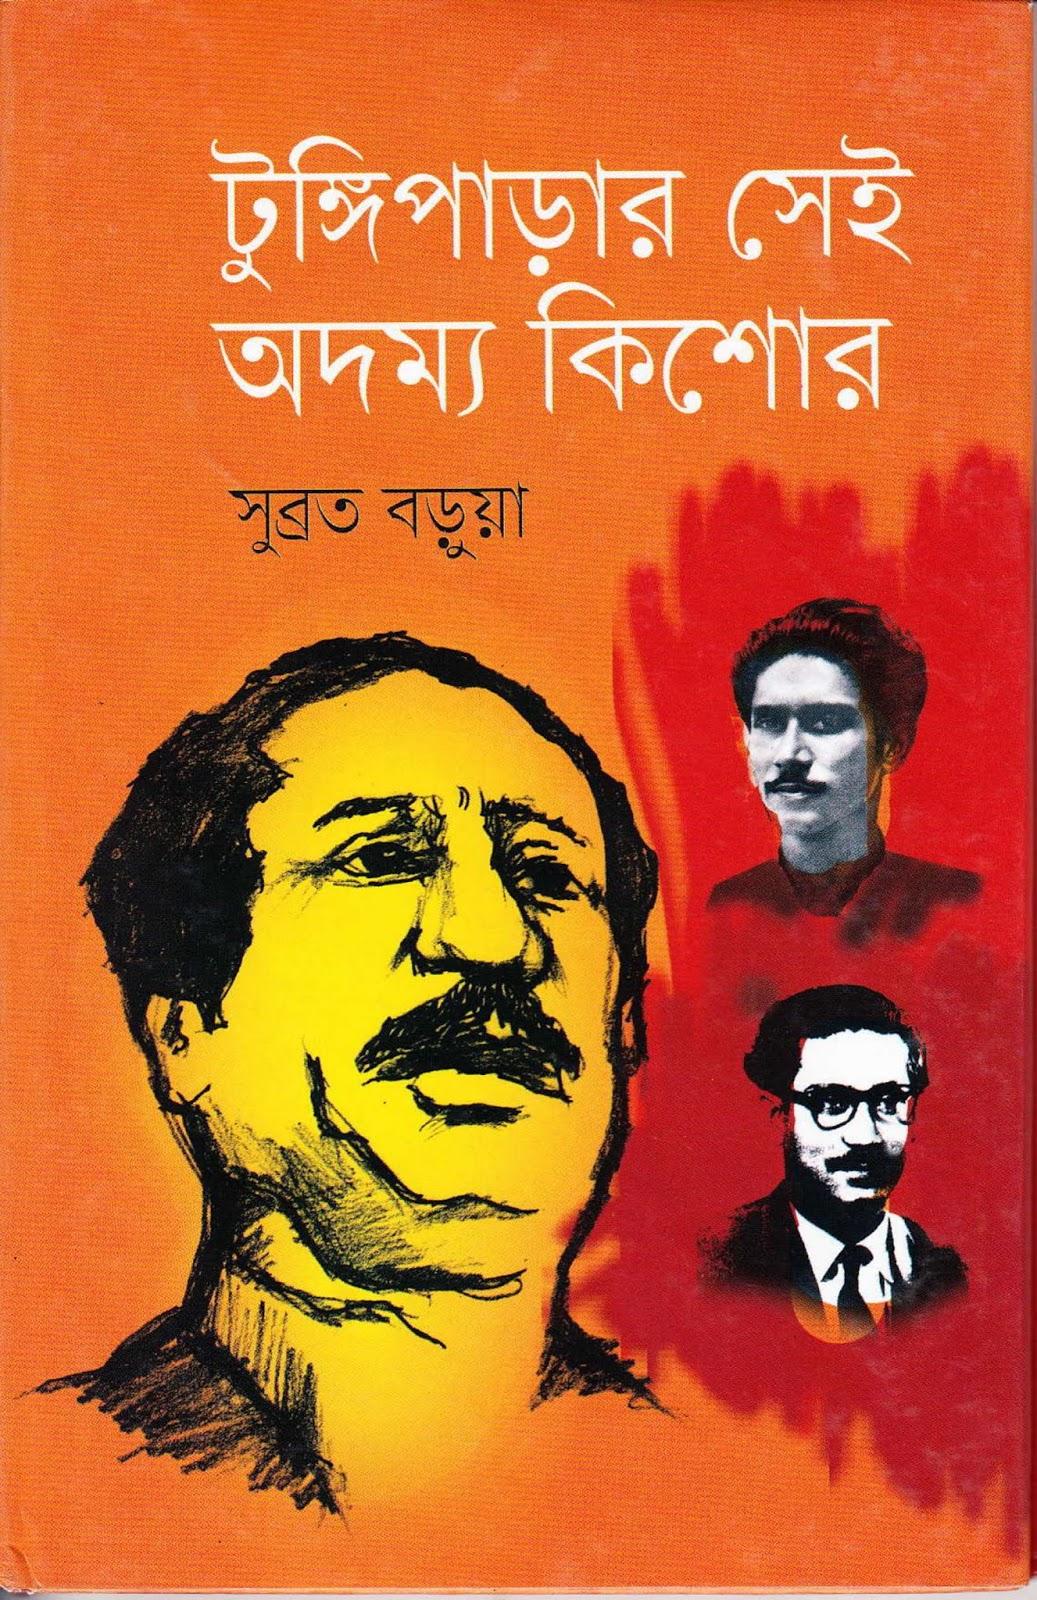 টুঙ্গিপাড়ার সেই অদম্য কিশোর pdf - সুব্রত বড়ুয়া